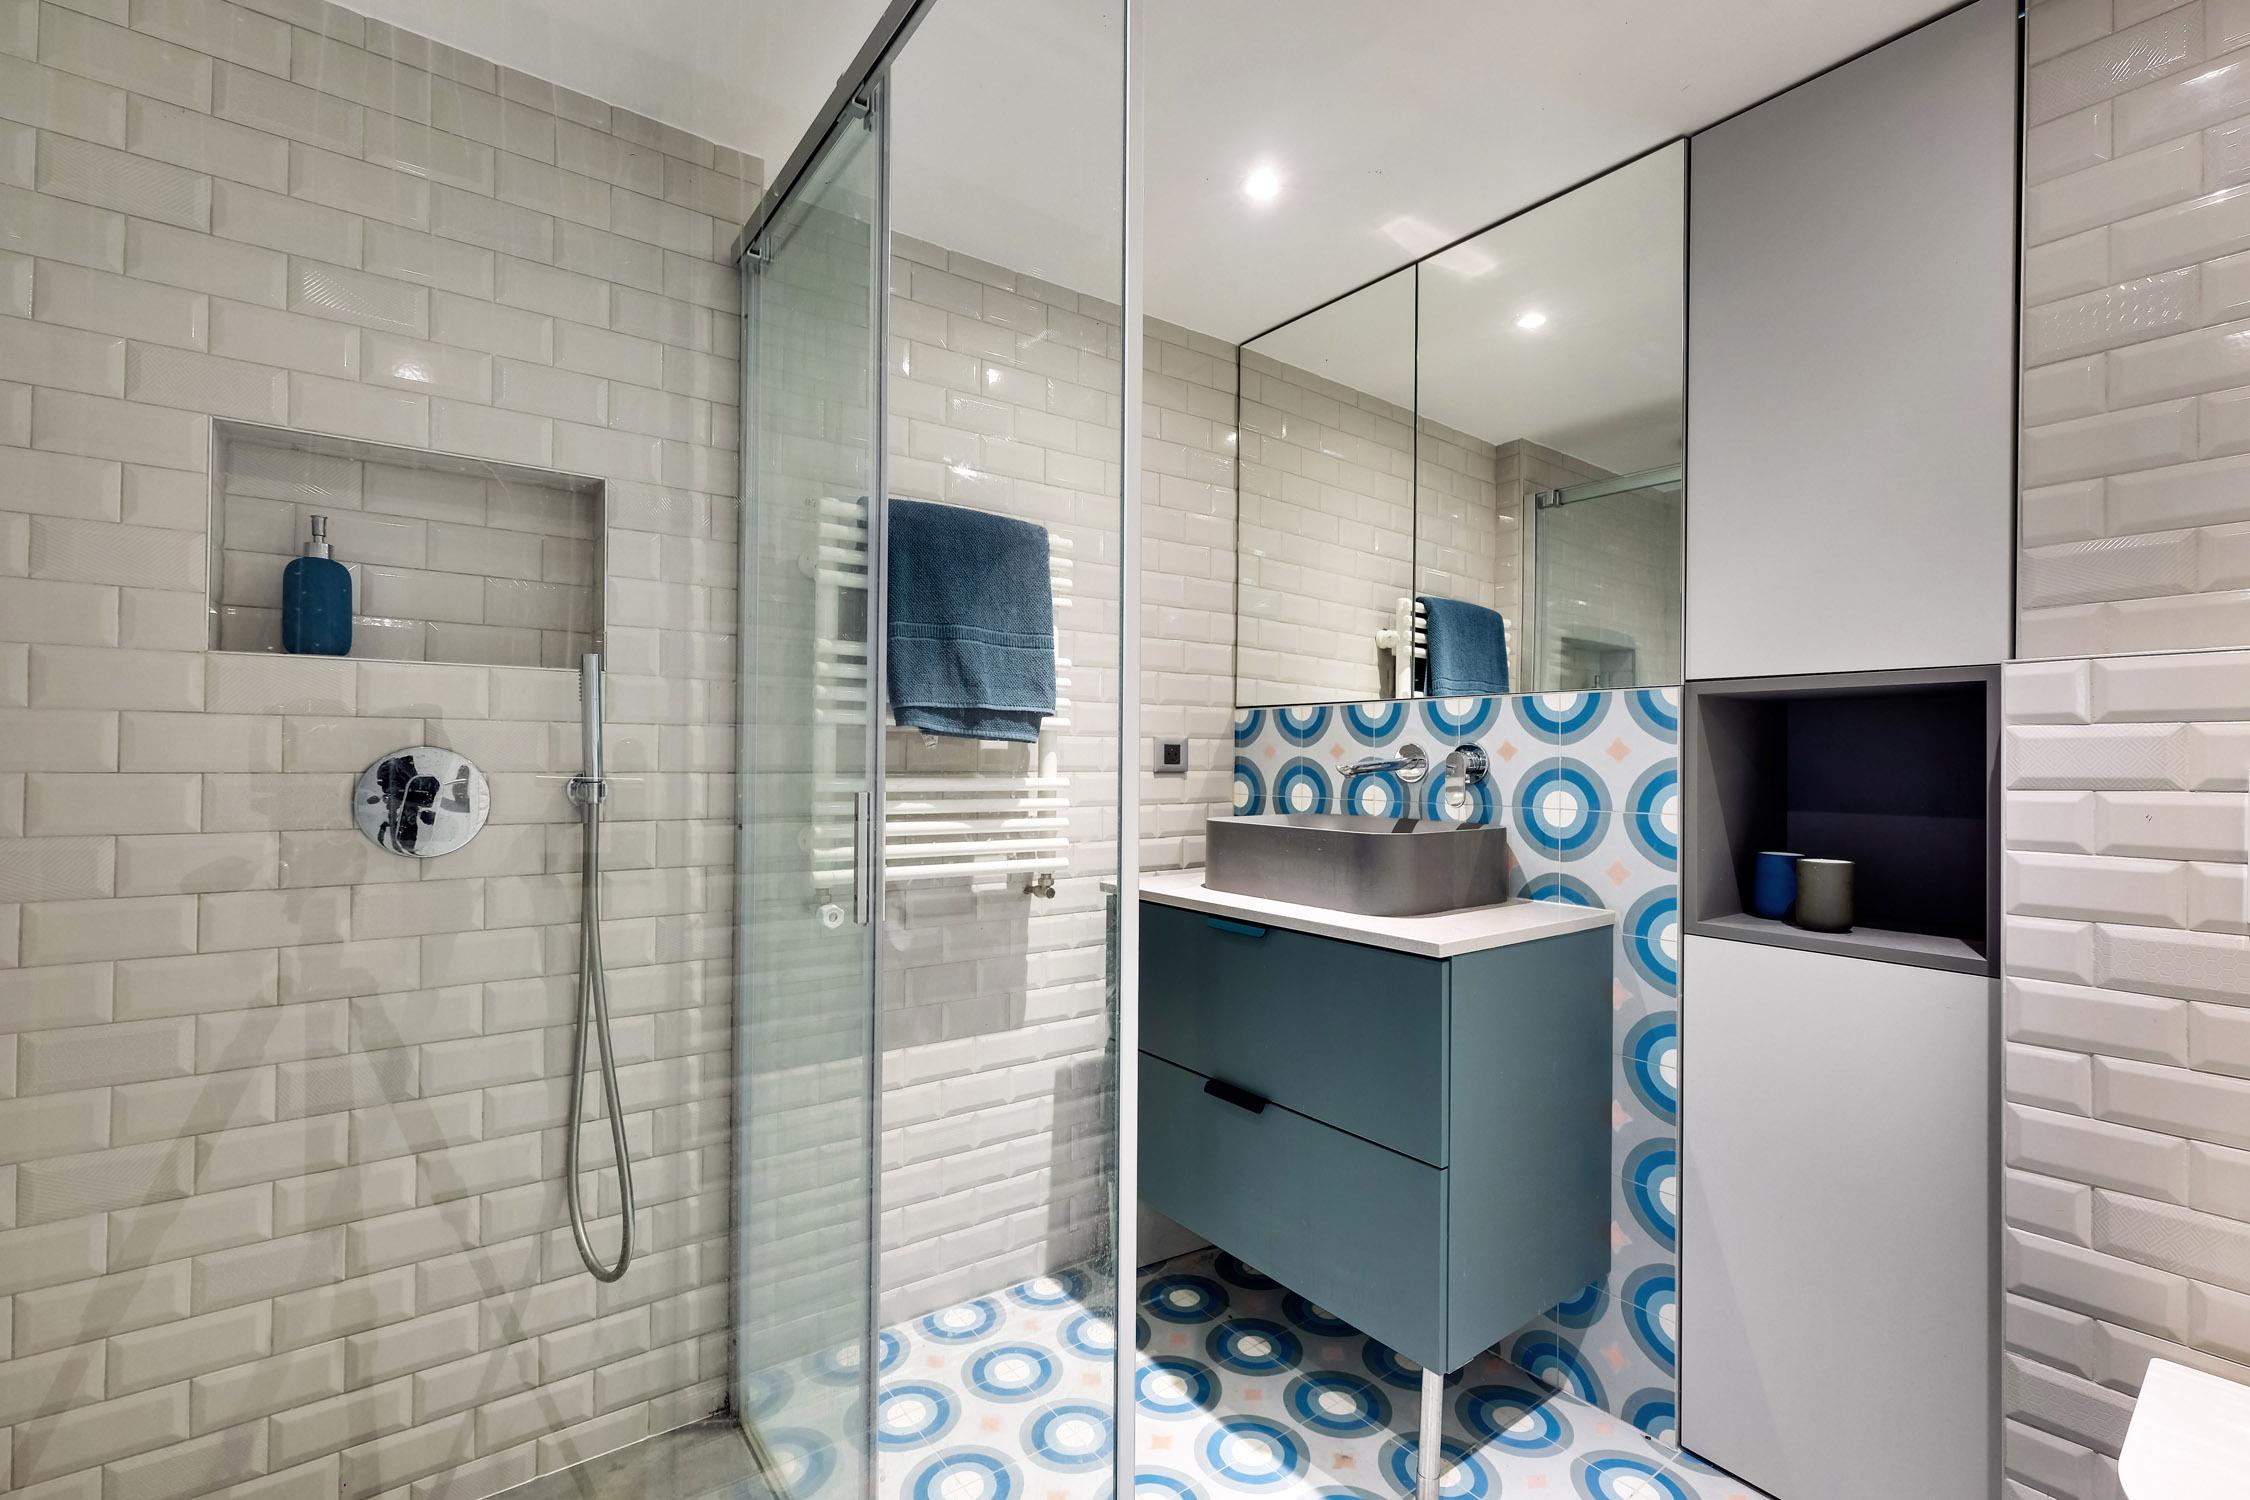 salle de bain gris et bleu carreaux de ciment faïence métro douche italienne murs et merveilles